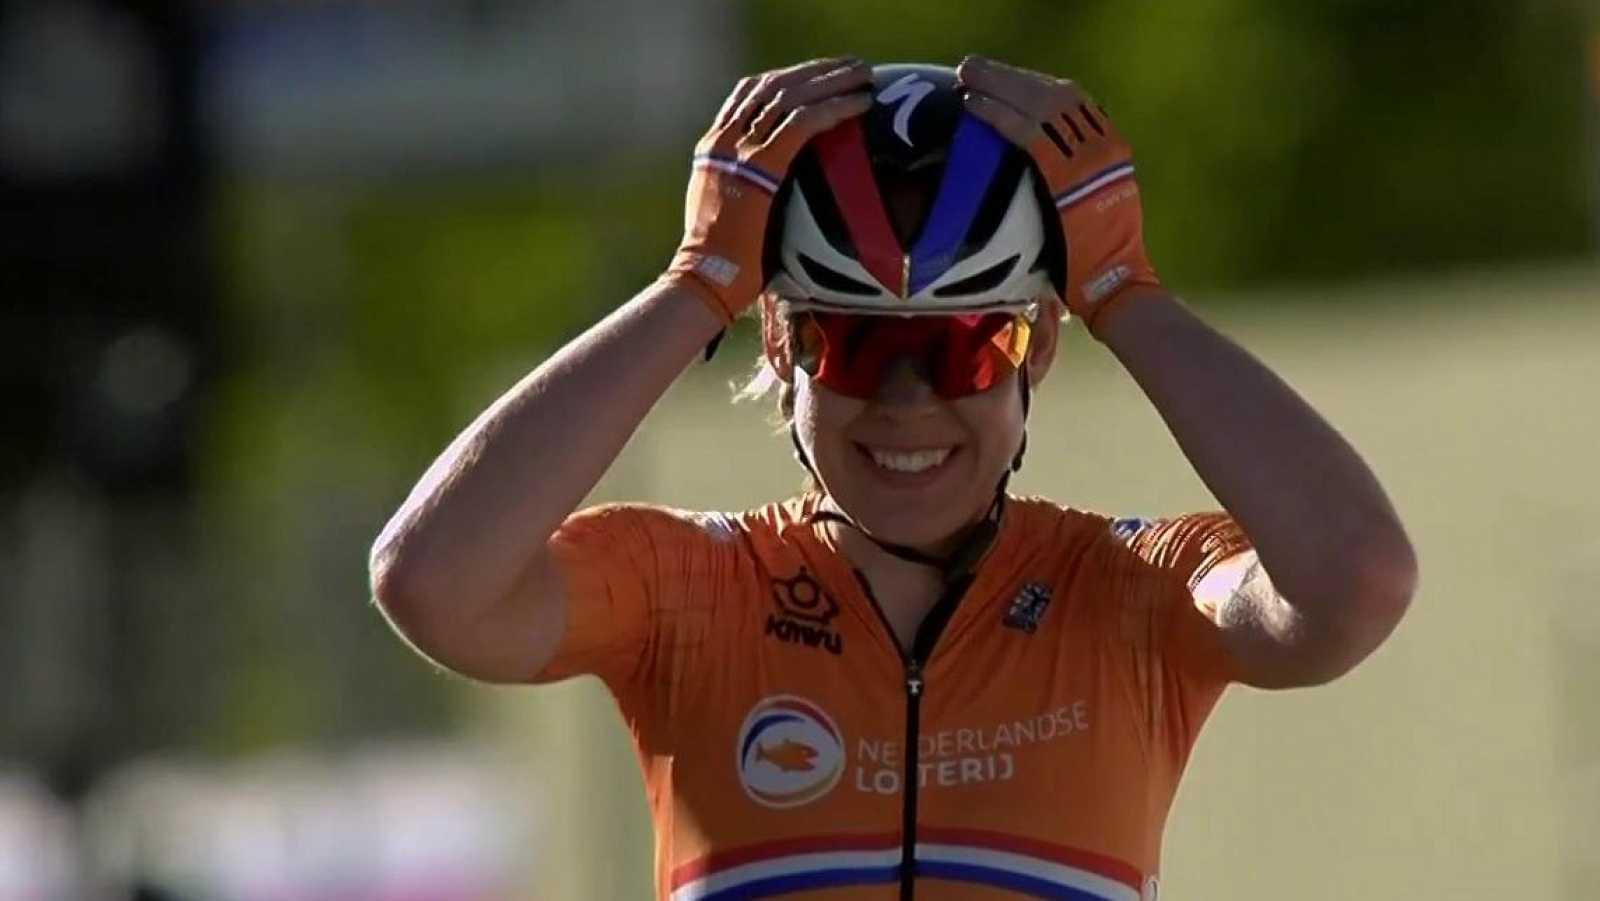 Así ha sido la llegada en solitario de Van der Breggen en la prueba en ruta del Mundial de Imola